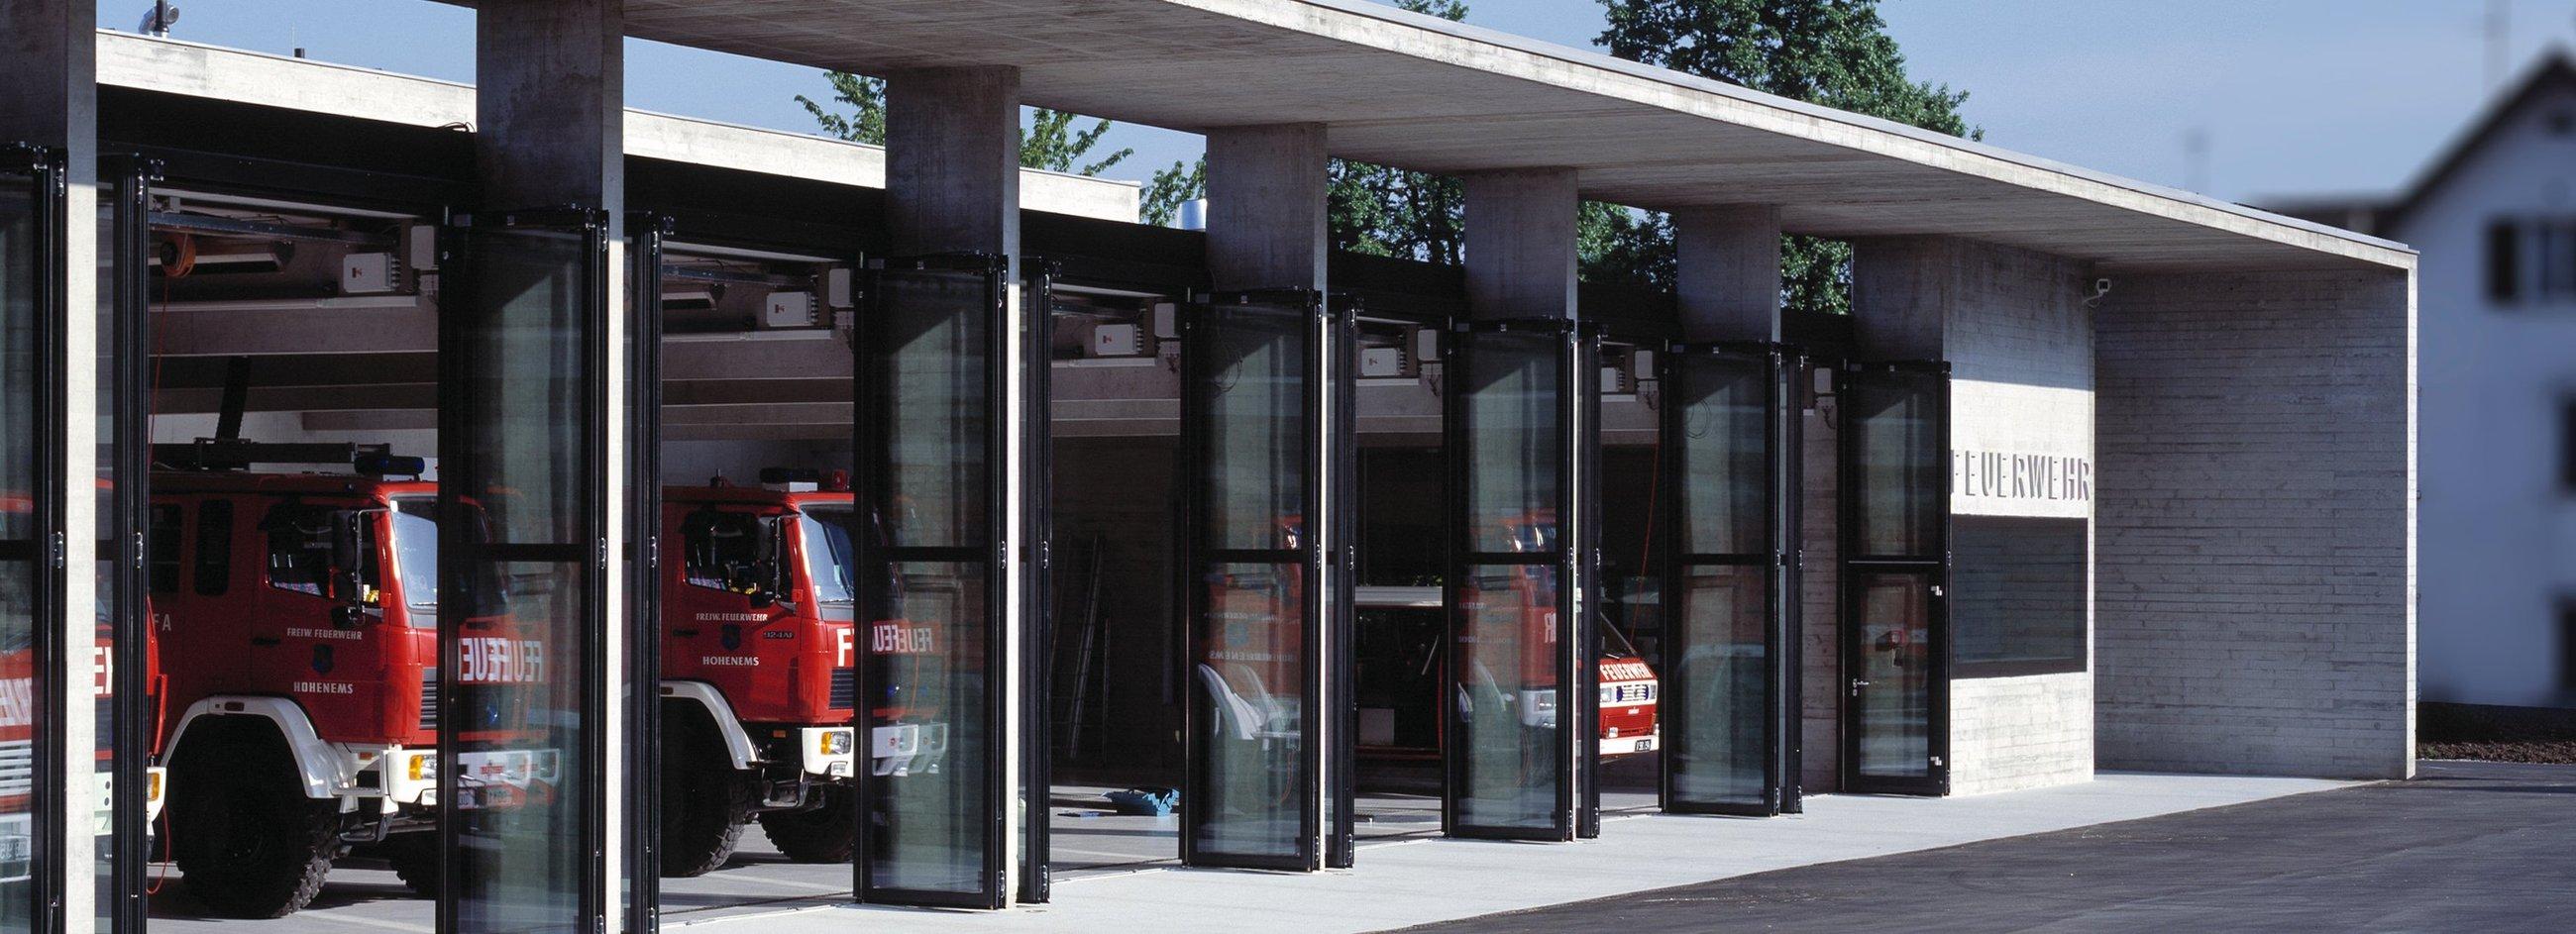 Feuerwehr_Drexel Architekten